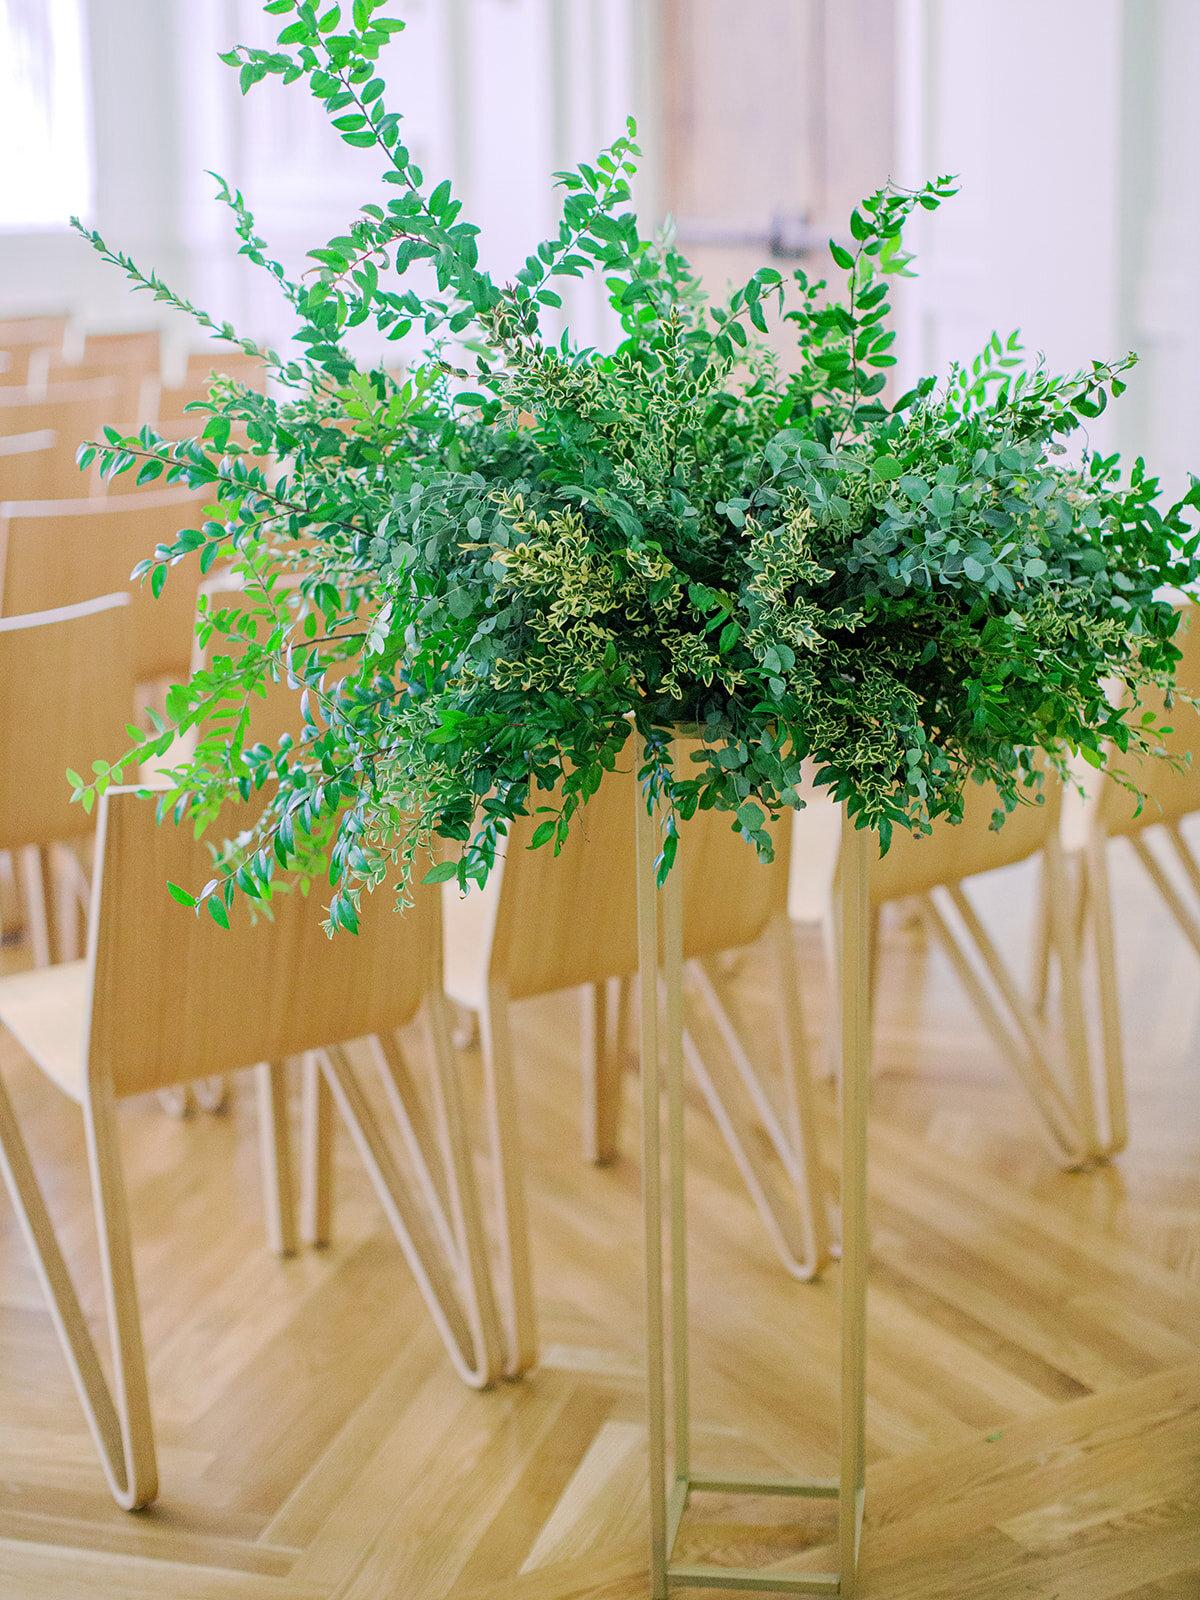 All greenery organic arrangement on a modern gold stand. Nashville wedding florist.